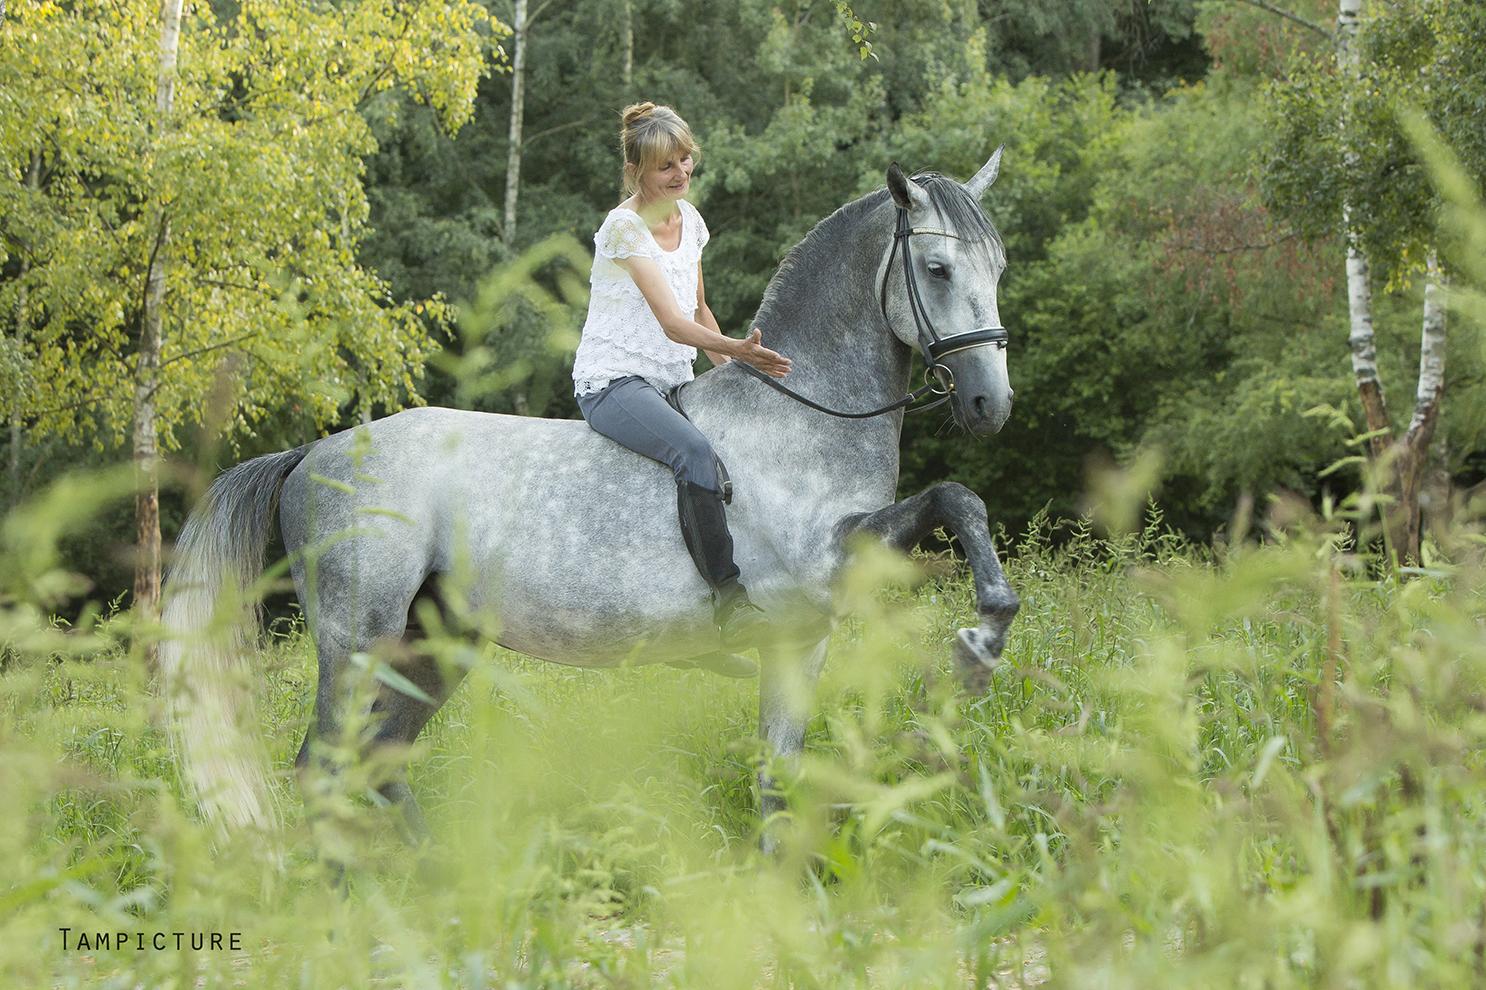 Retour sur expérience de Gitti, monitrice formée par l'institut du cheval et de l'équitation portugaise